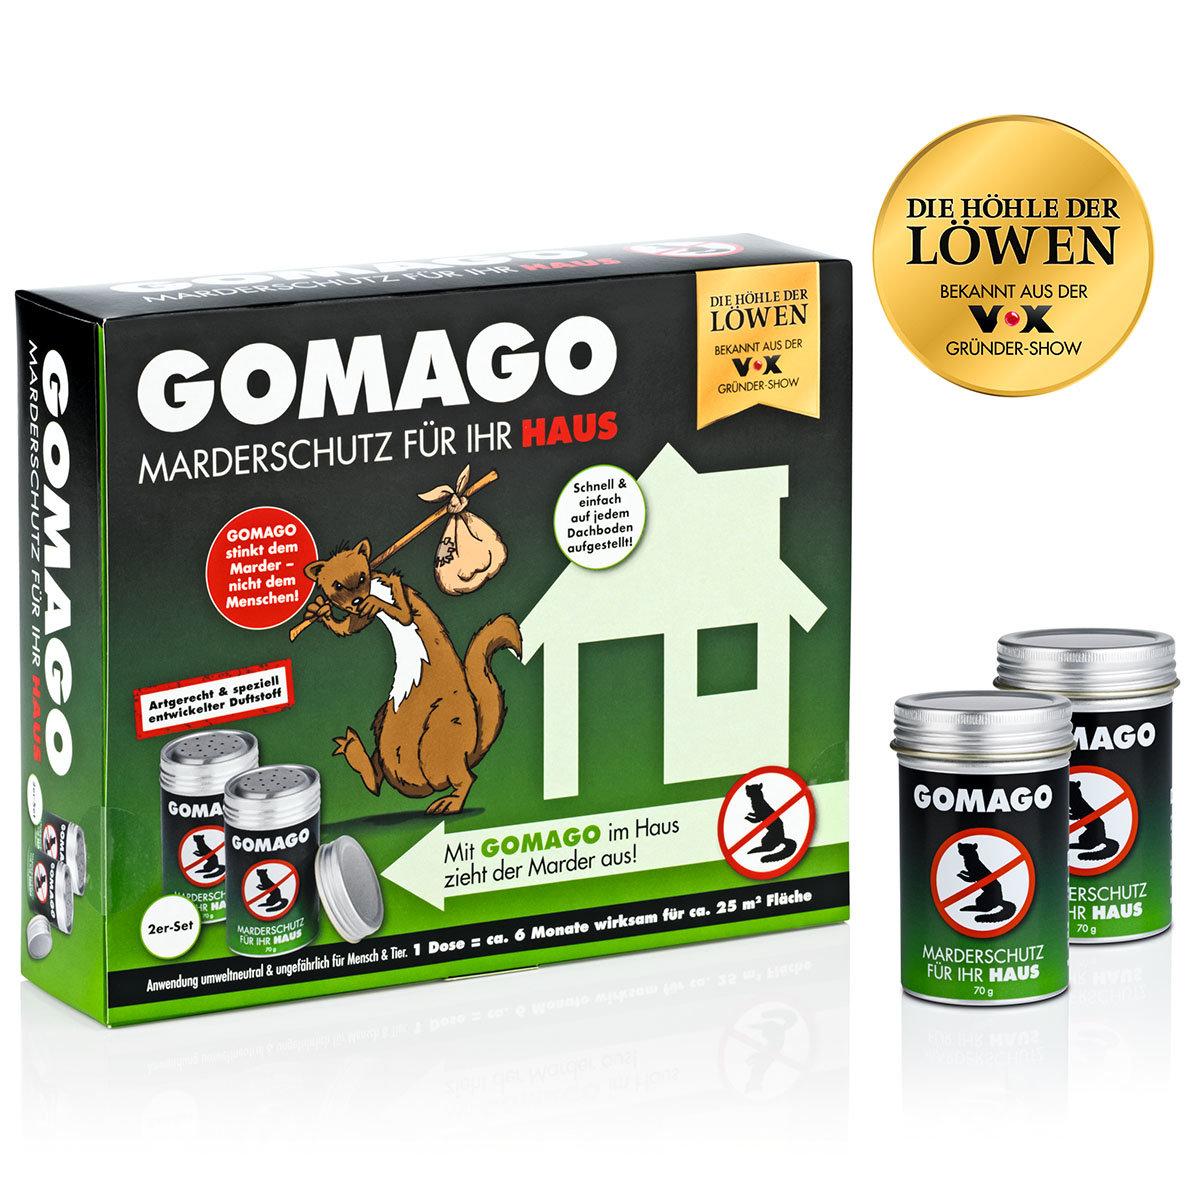 Marderschutz Gomago für Ihr Haus, 2er-Set